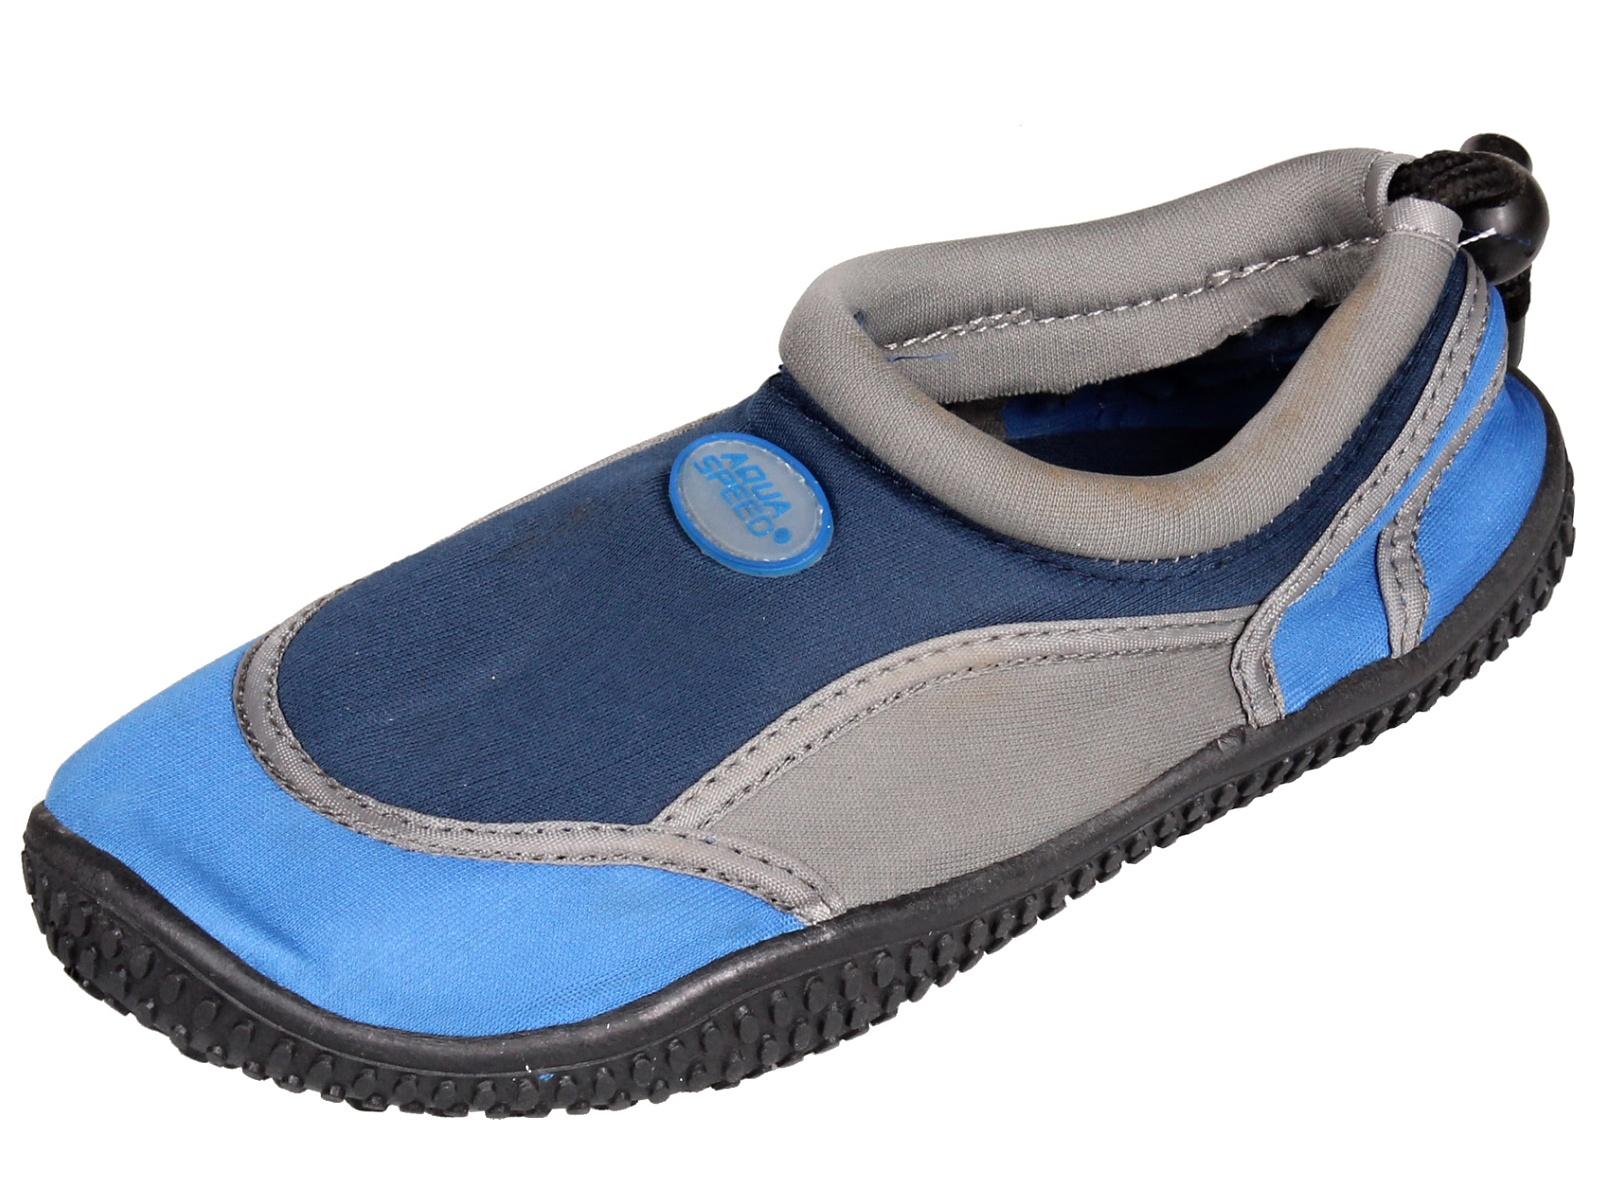 Topánky do vody AQUA-SPEED 21A detské modré - veľ. 30